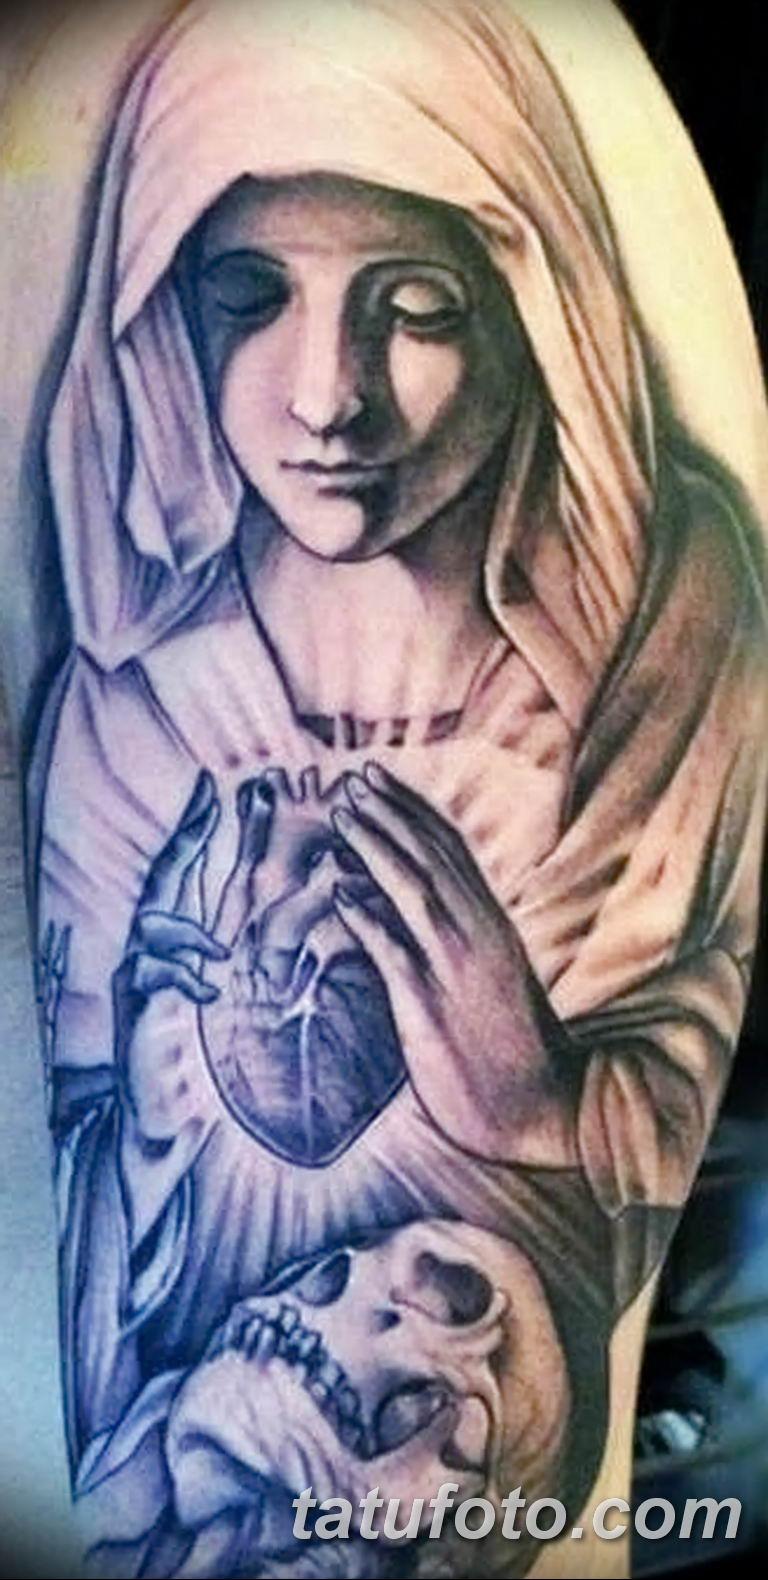 Фото тату икона святого 29.06.2019 №179 - tattoo icon of saint - tatufoto.com